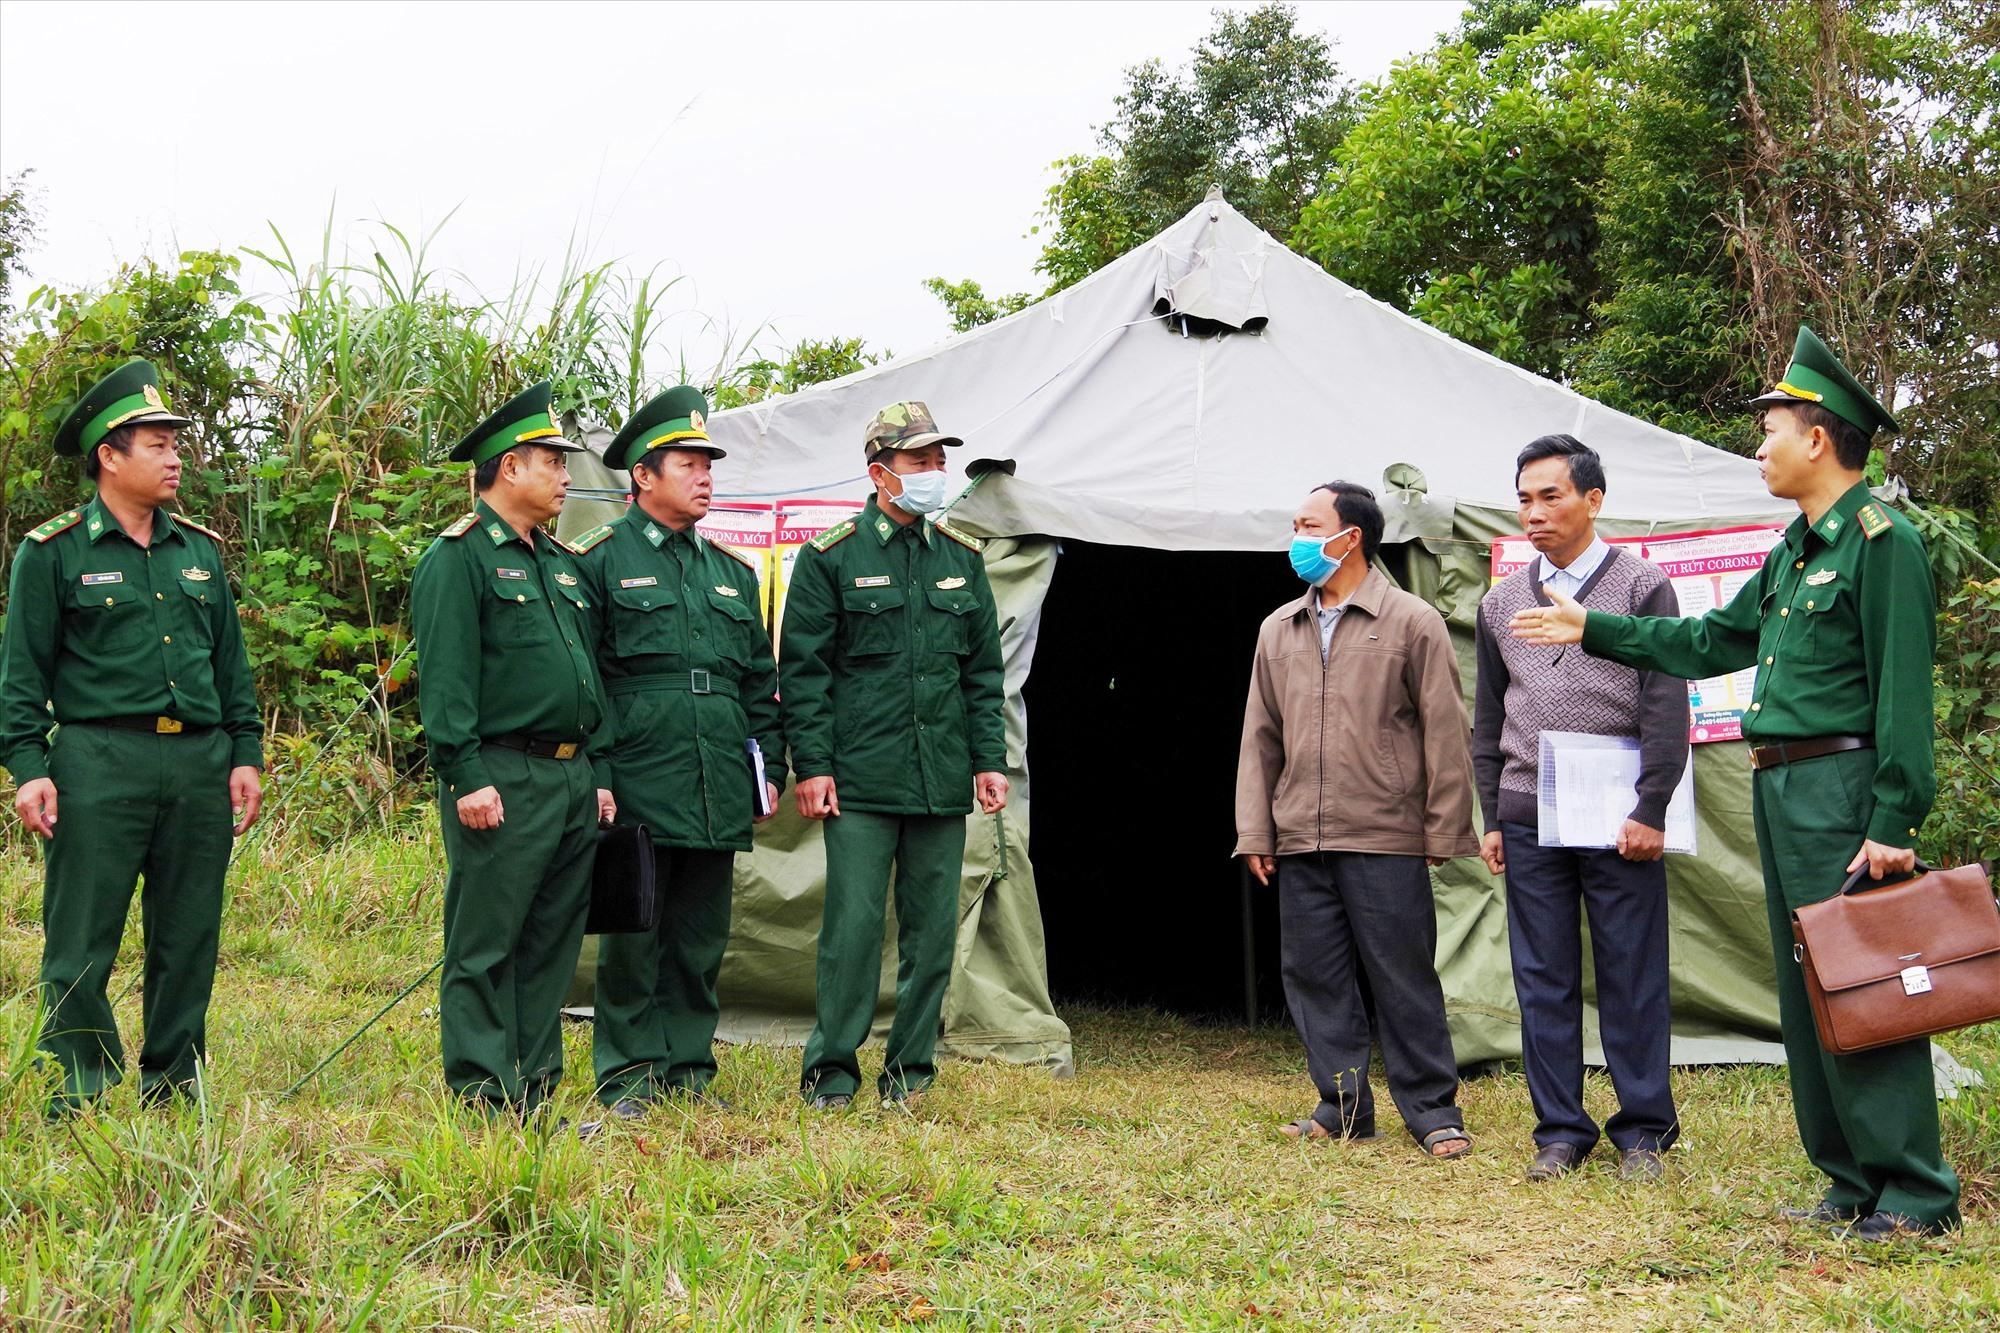 Thượng tá Trần Tiến Hiền (Thứ nhất, bên phải) cùng đoàn công tác kiểm tra công tác kiểm soát dịch tại khu vực Cửa khẩu phụ Tây Giang